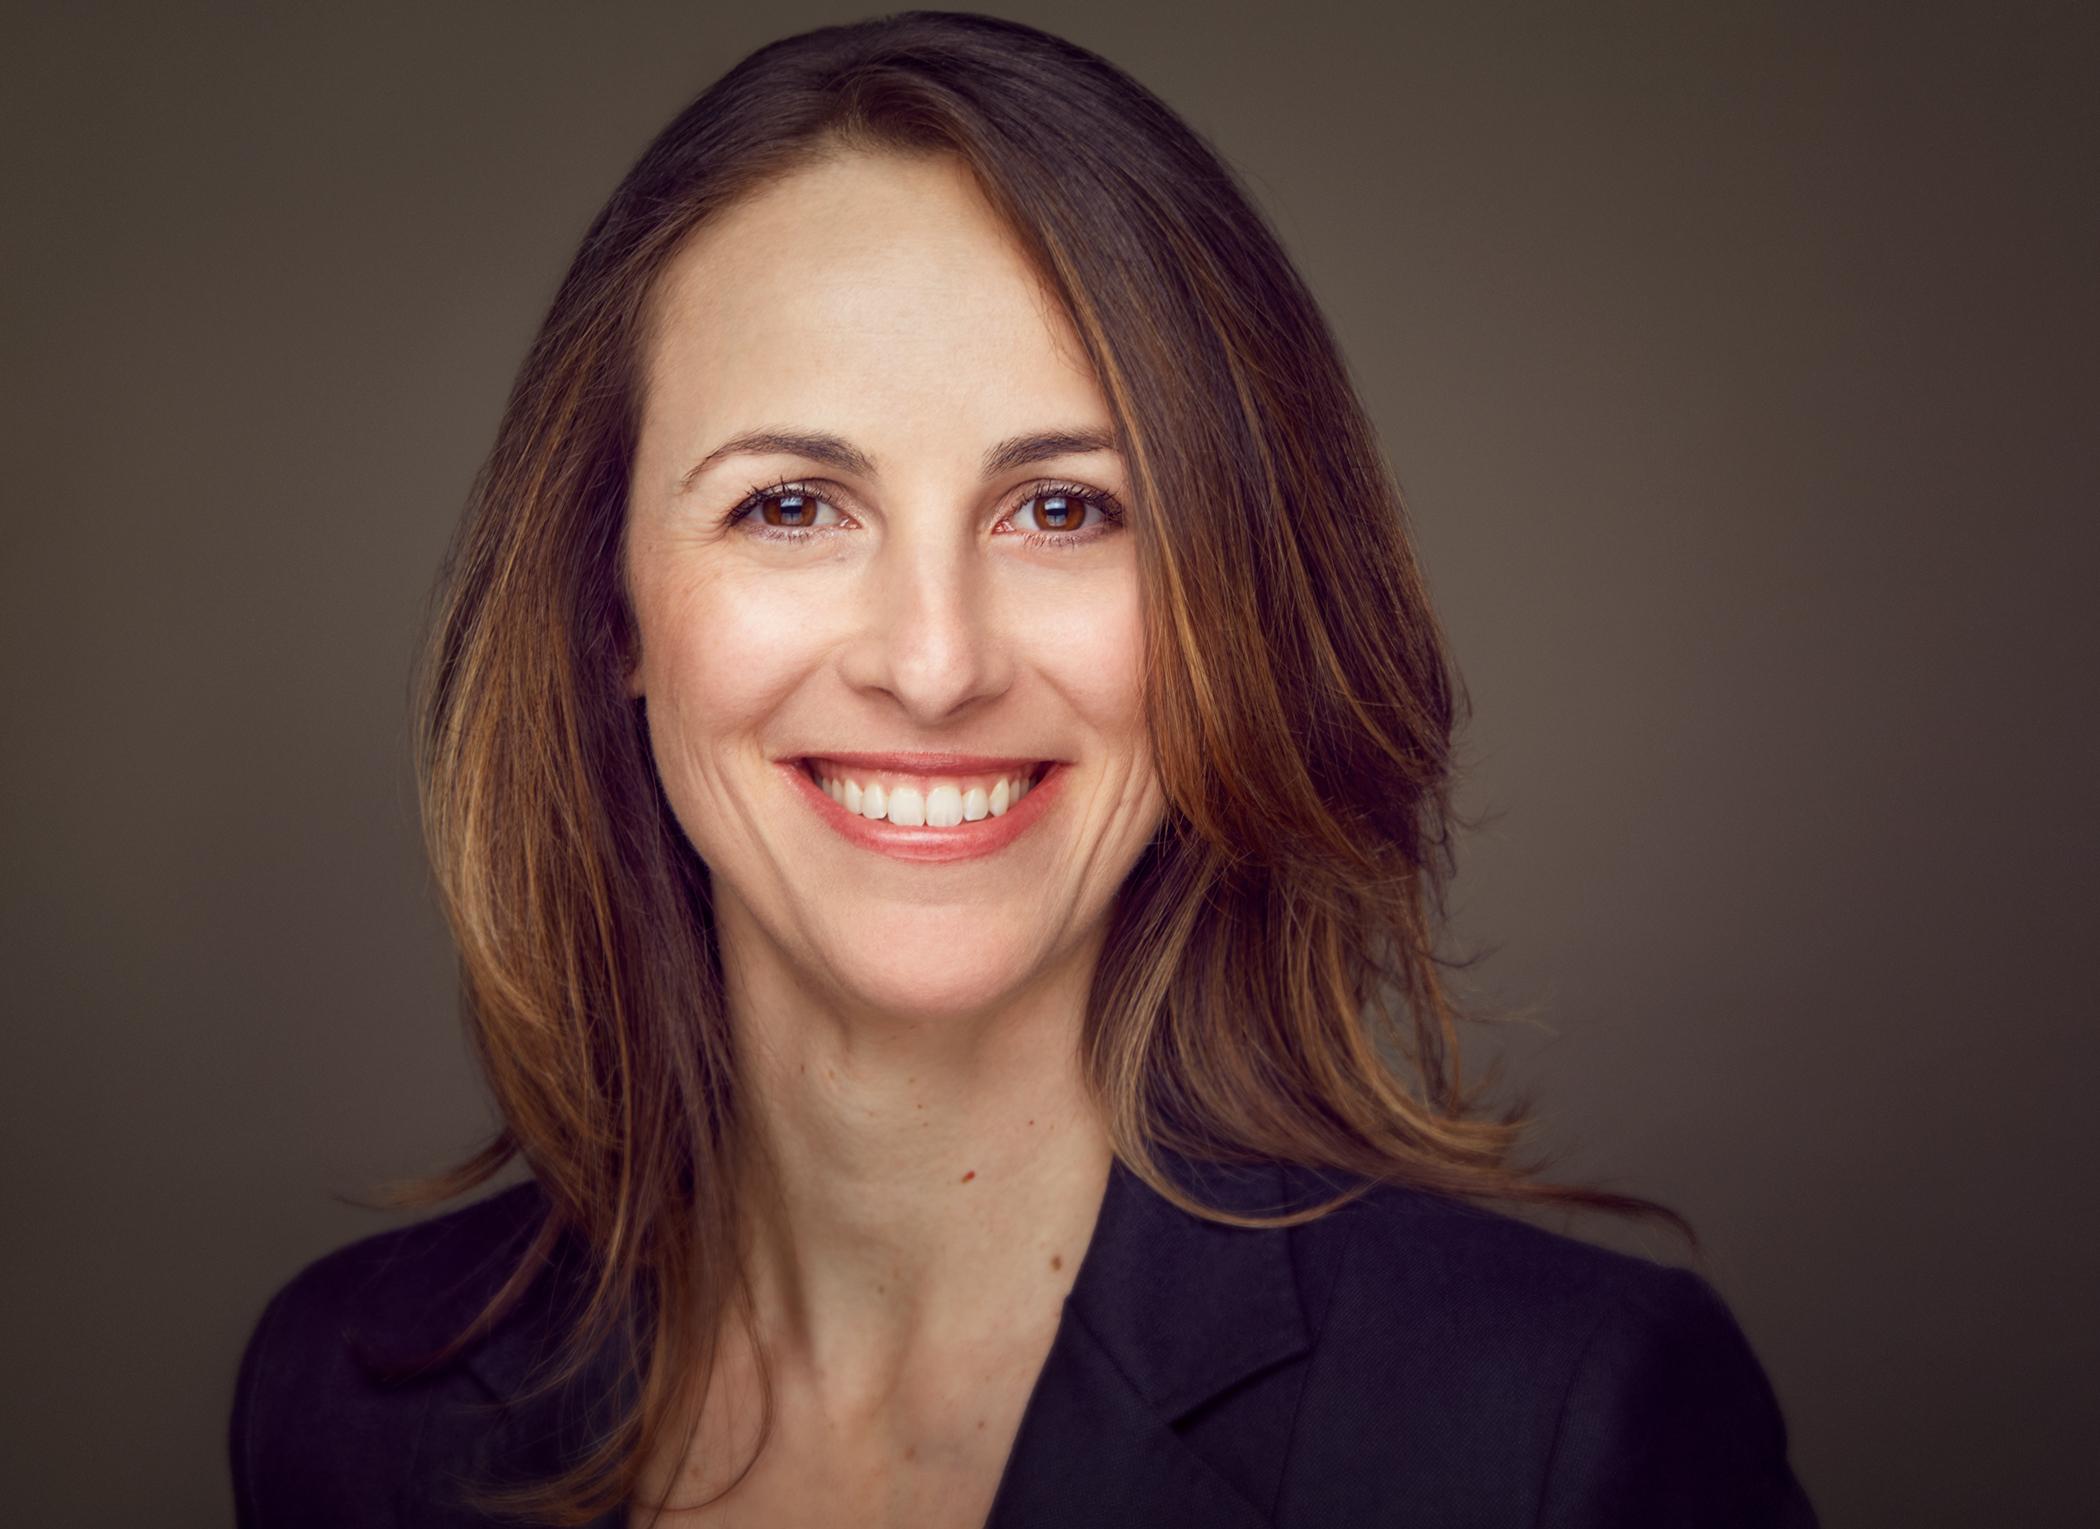 Lux partner Renata Quintini